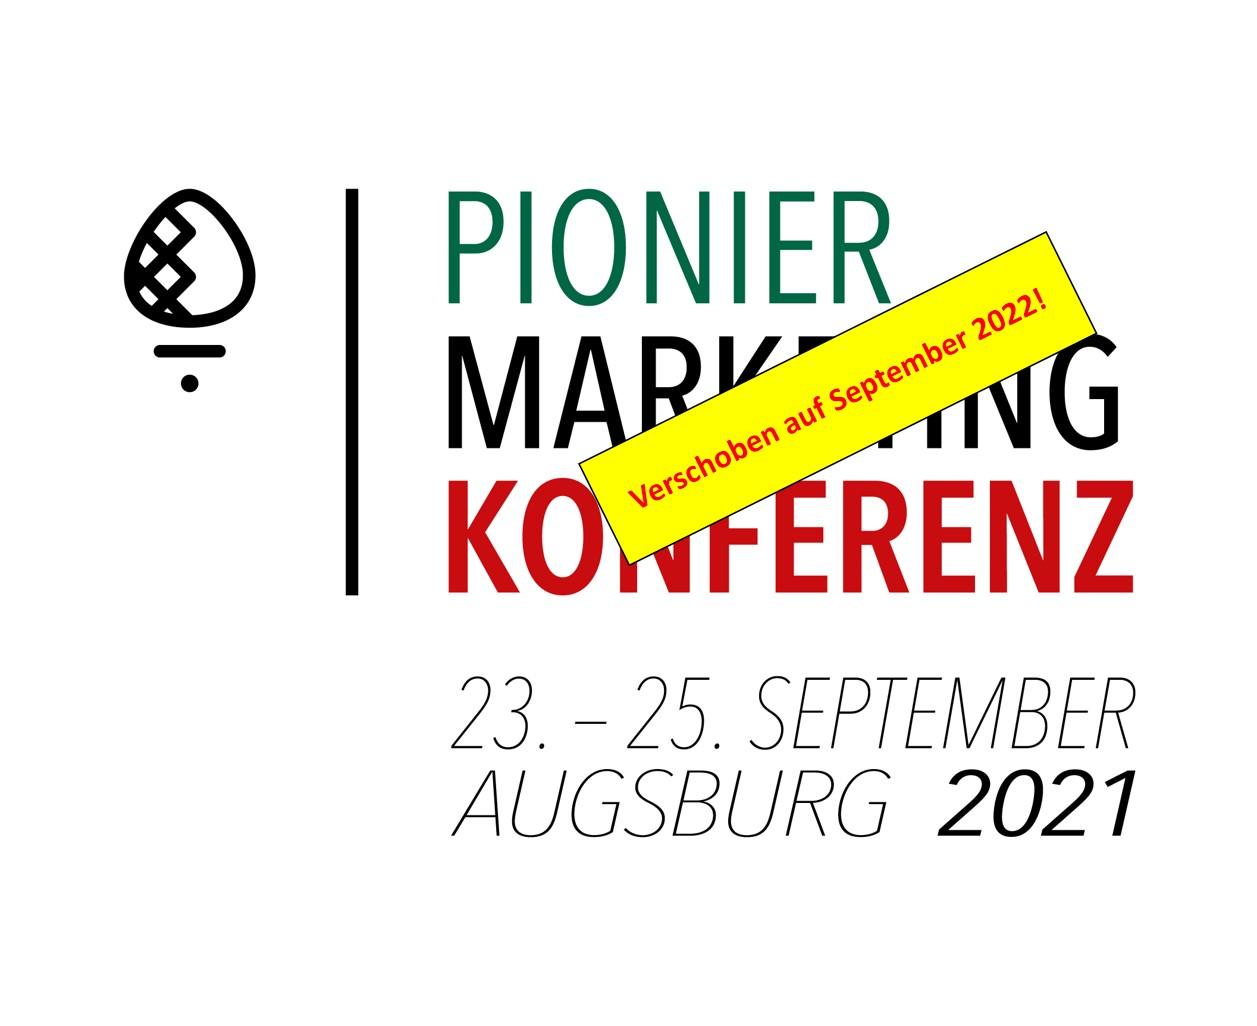 Pionier Marketing Konferenz